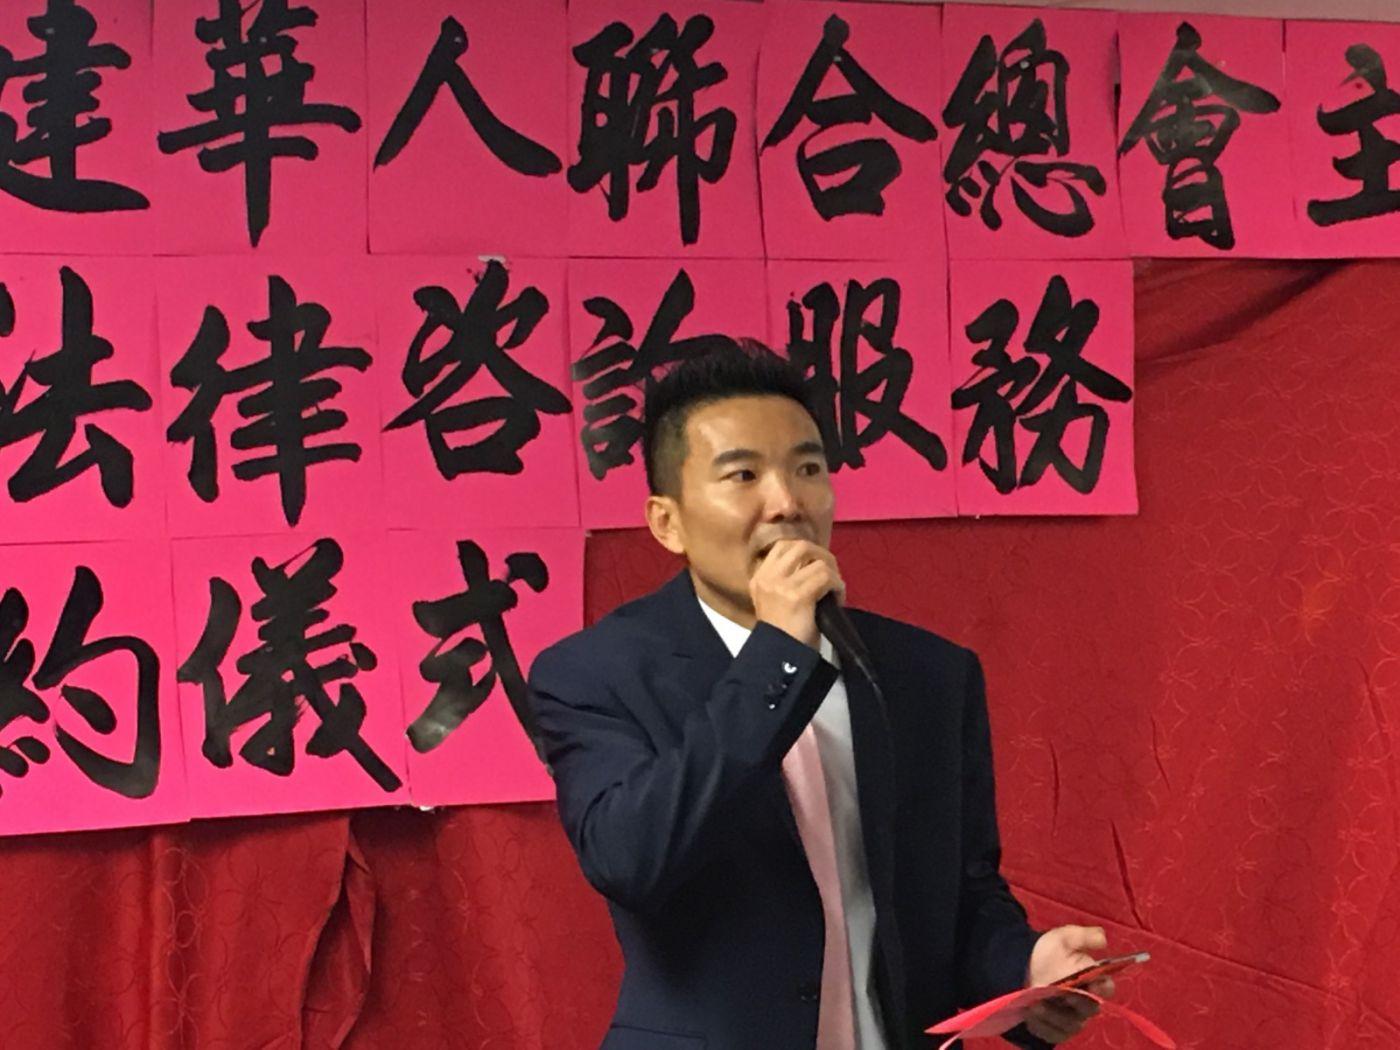 美国福建华人联合会欢迎福州市侨联主席蓝桂兰访美代表团一行 ... ..._图1-13